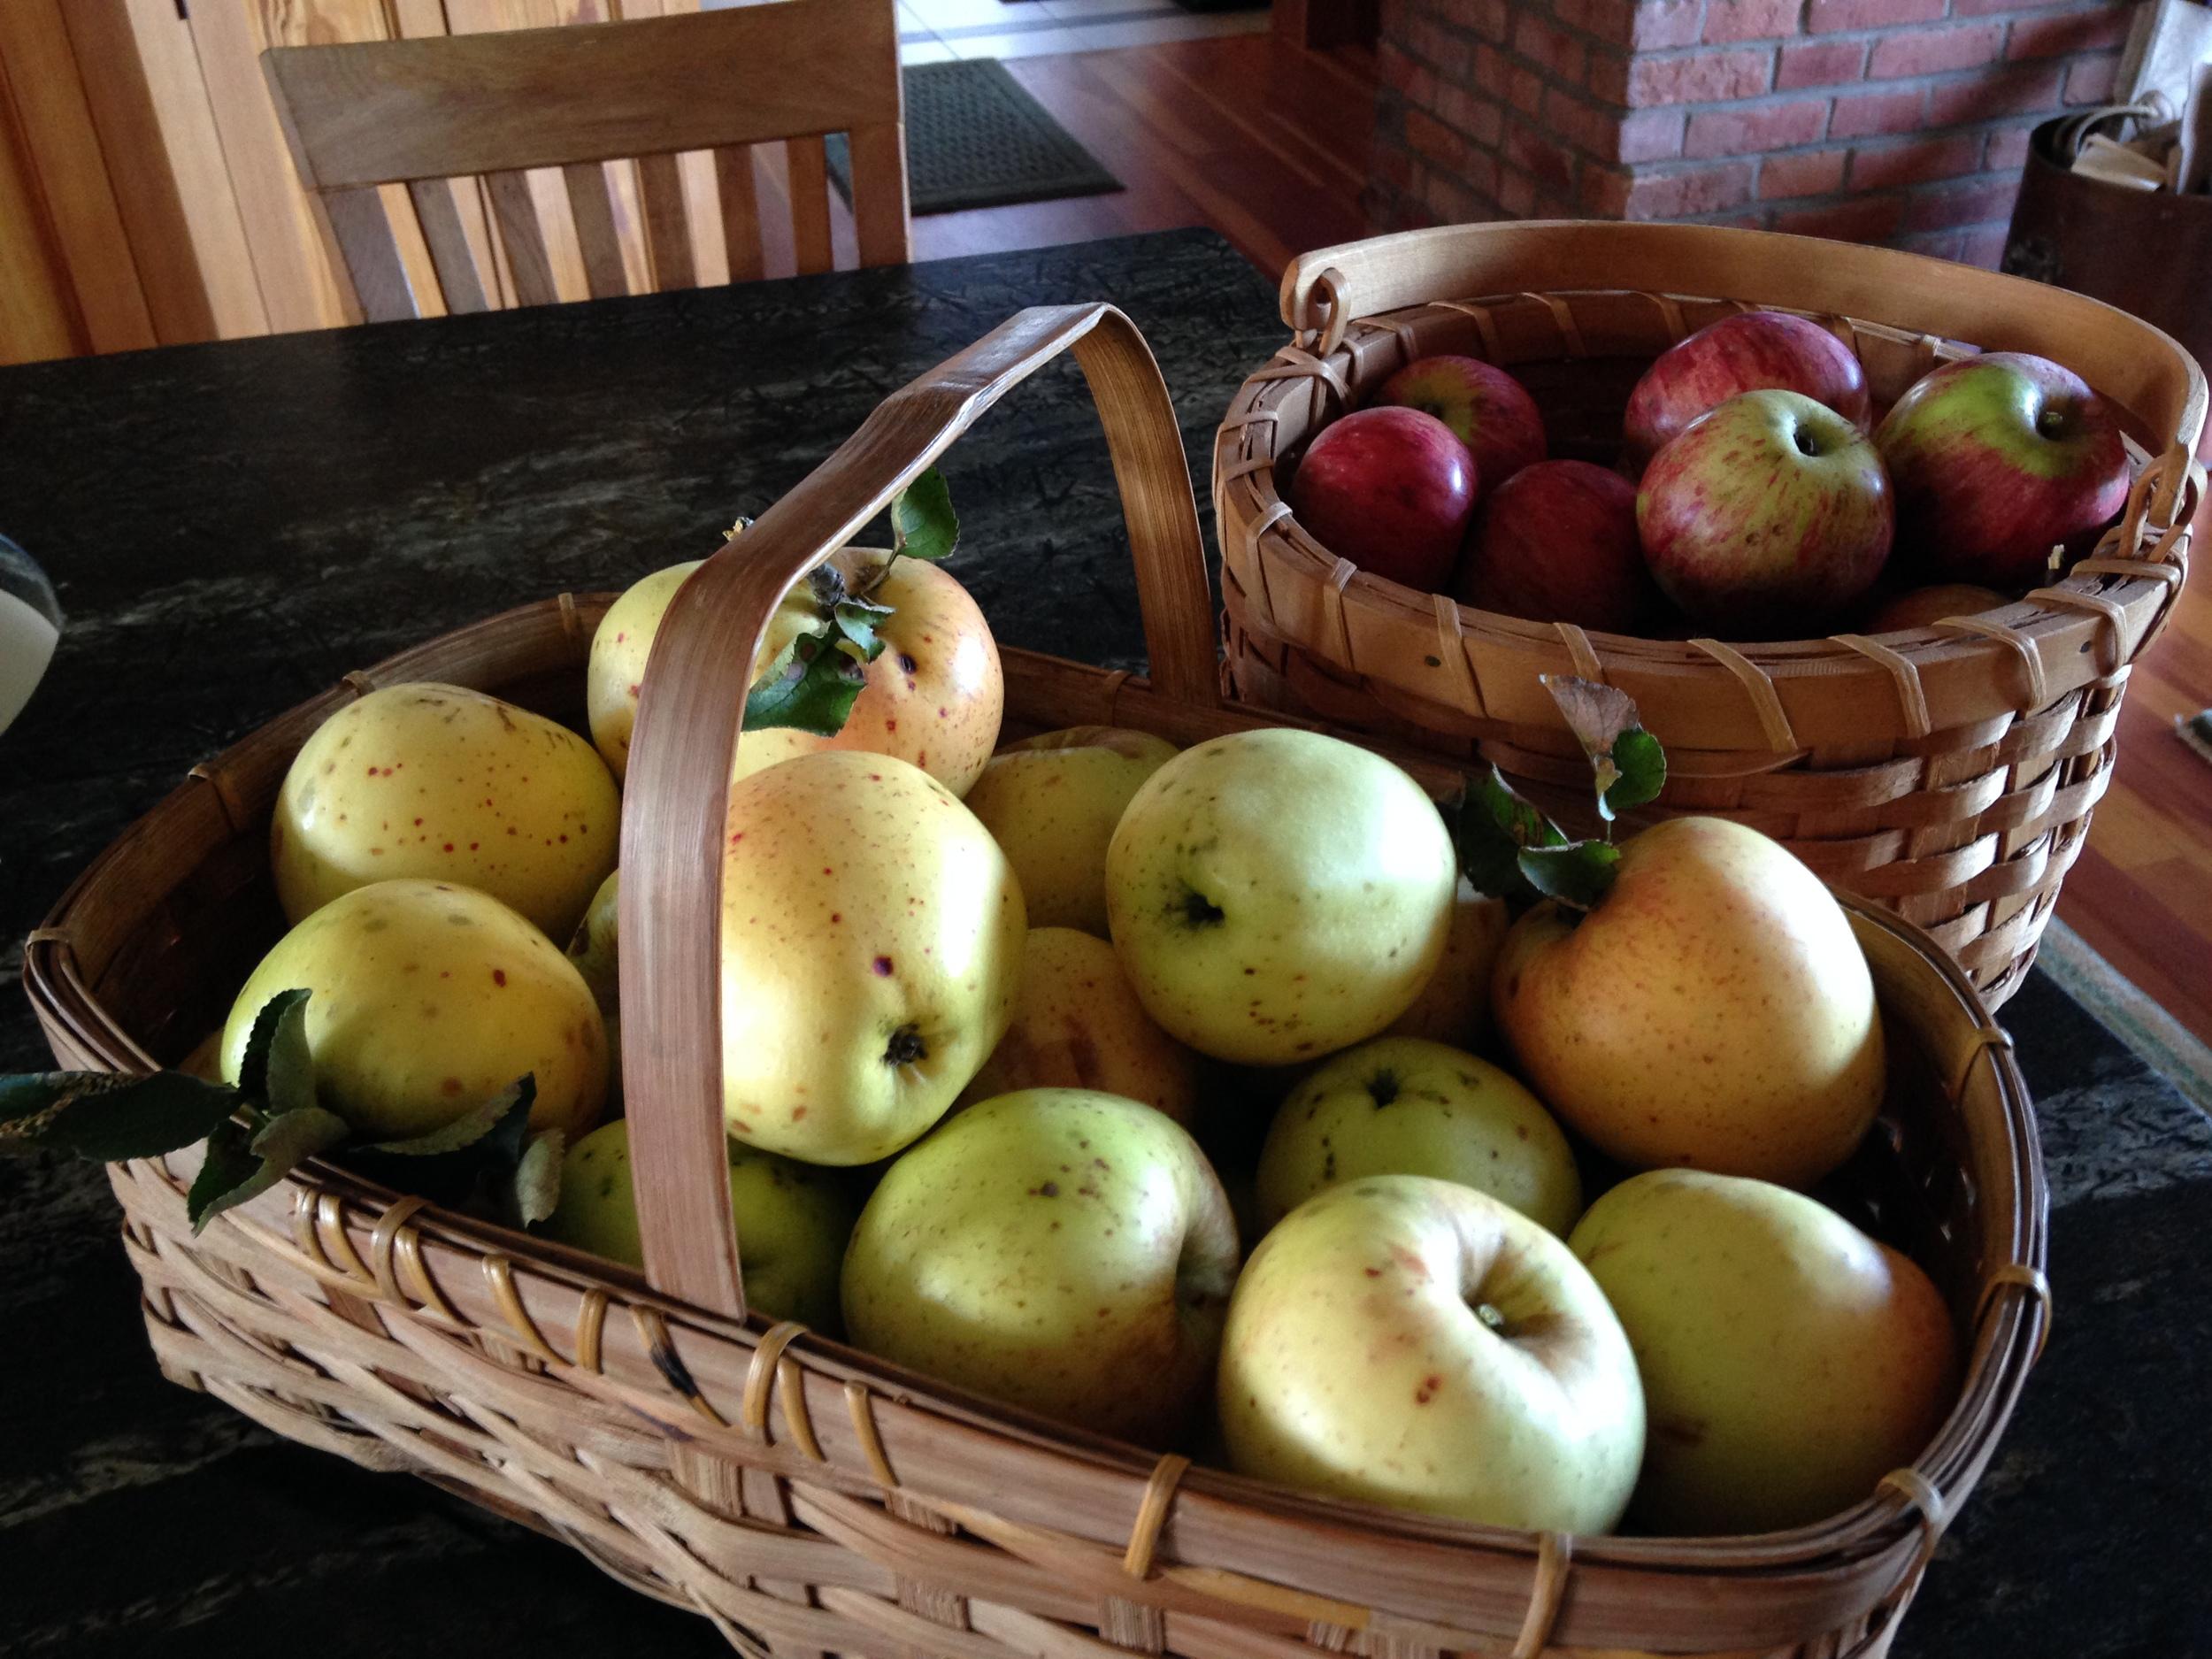 Wild Windsor Apples